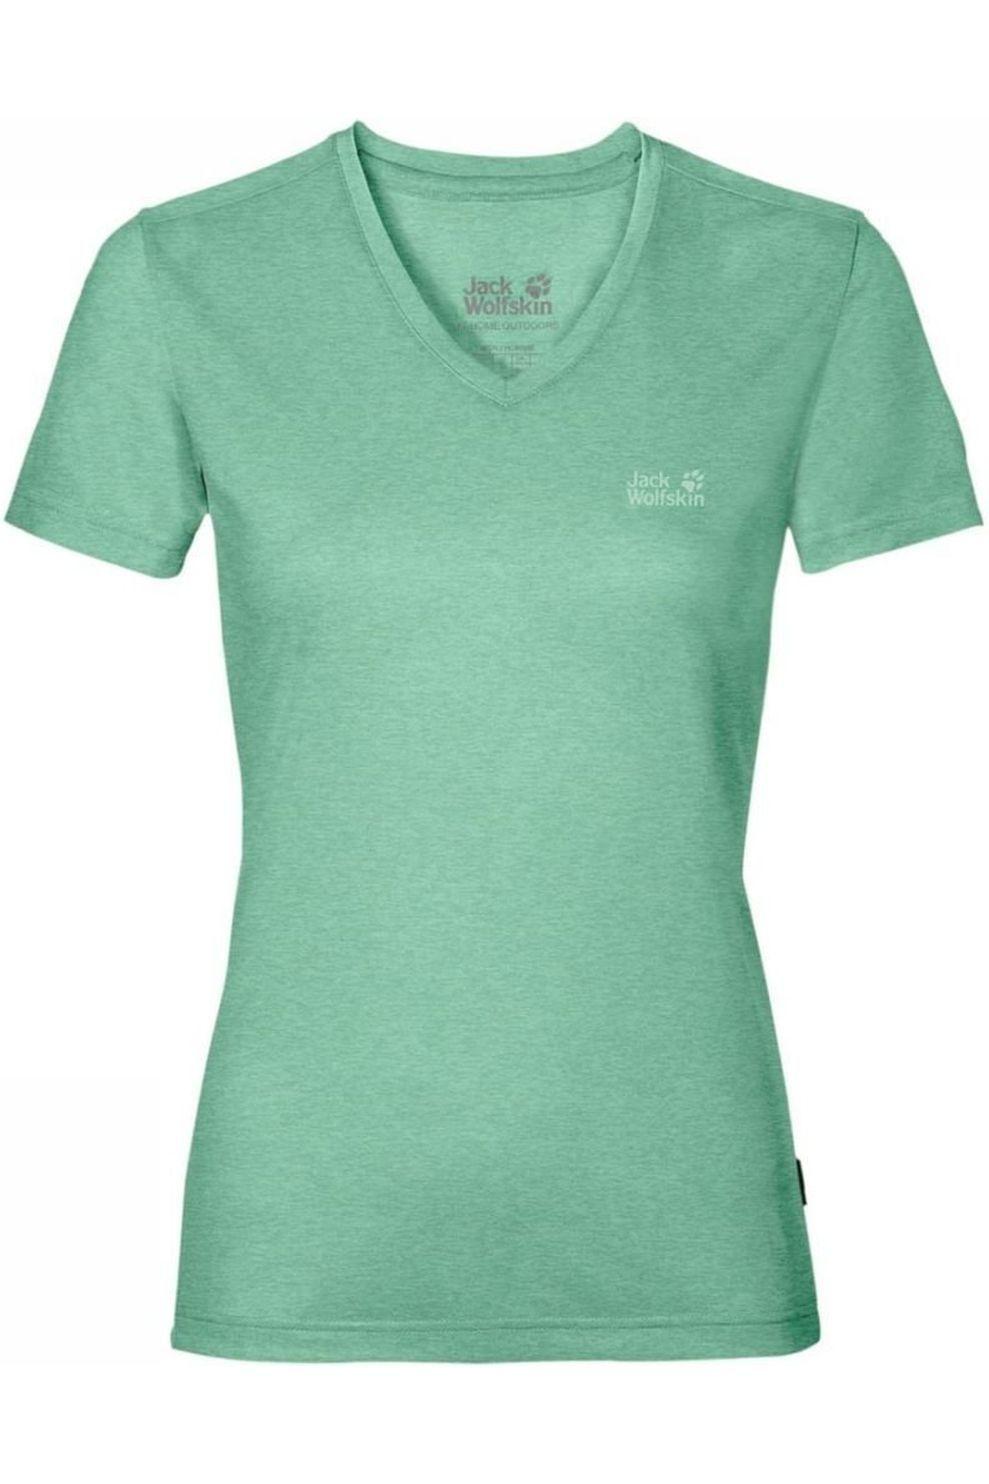 Jack Wolfskin T-Shirt Crosstrail voor dames - Groen - Maten: XS, S, M, L, XL, XXL